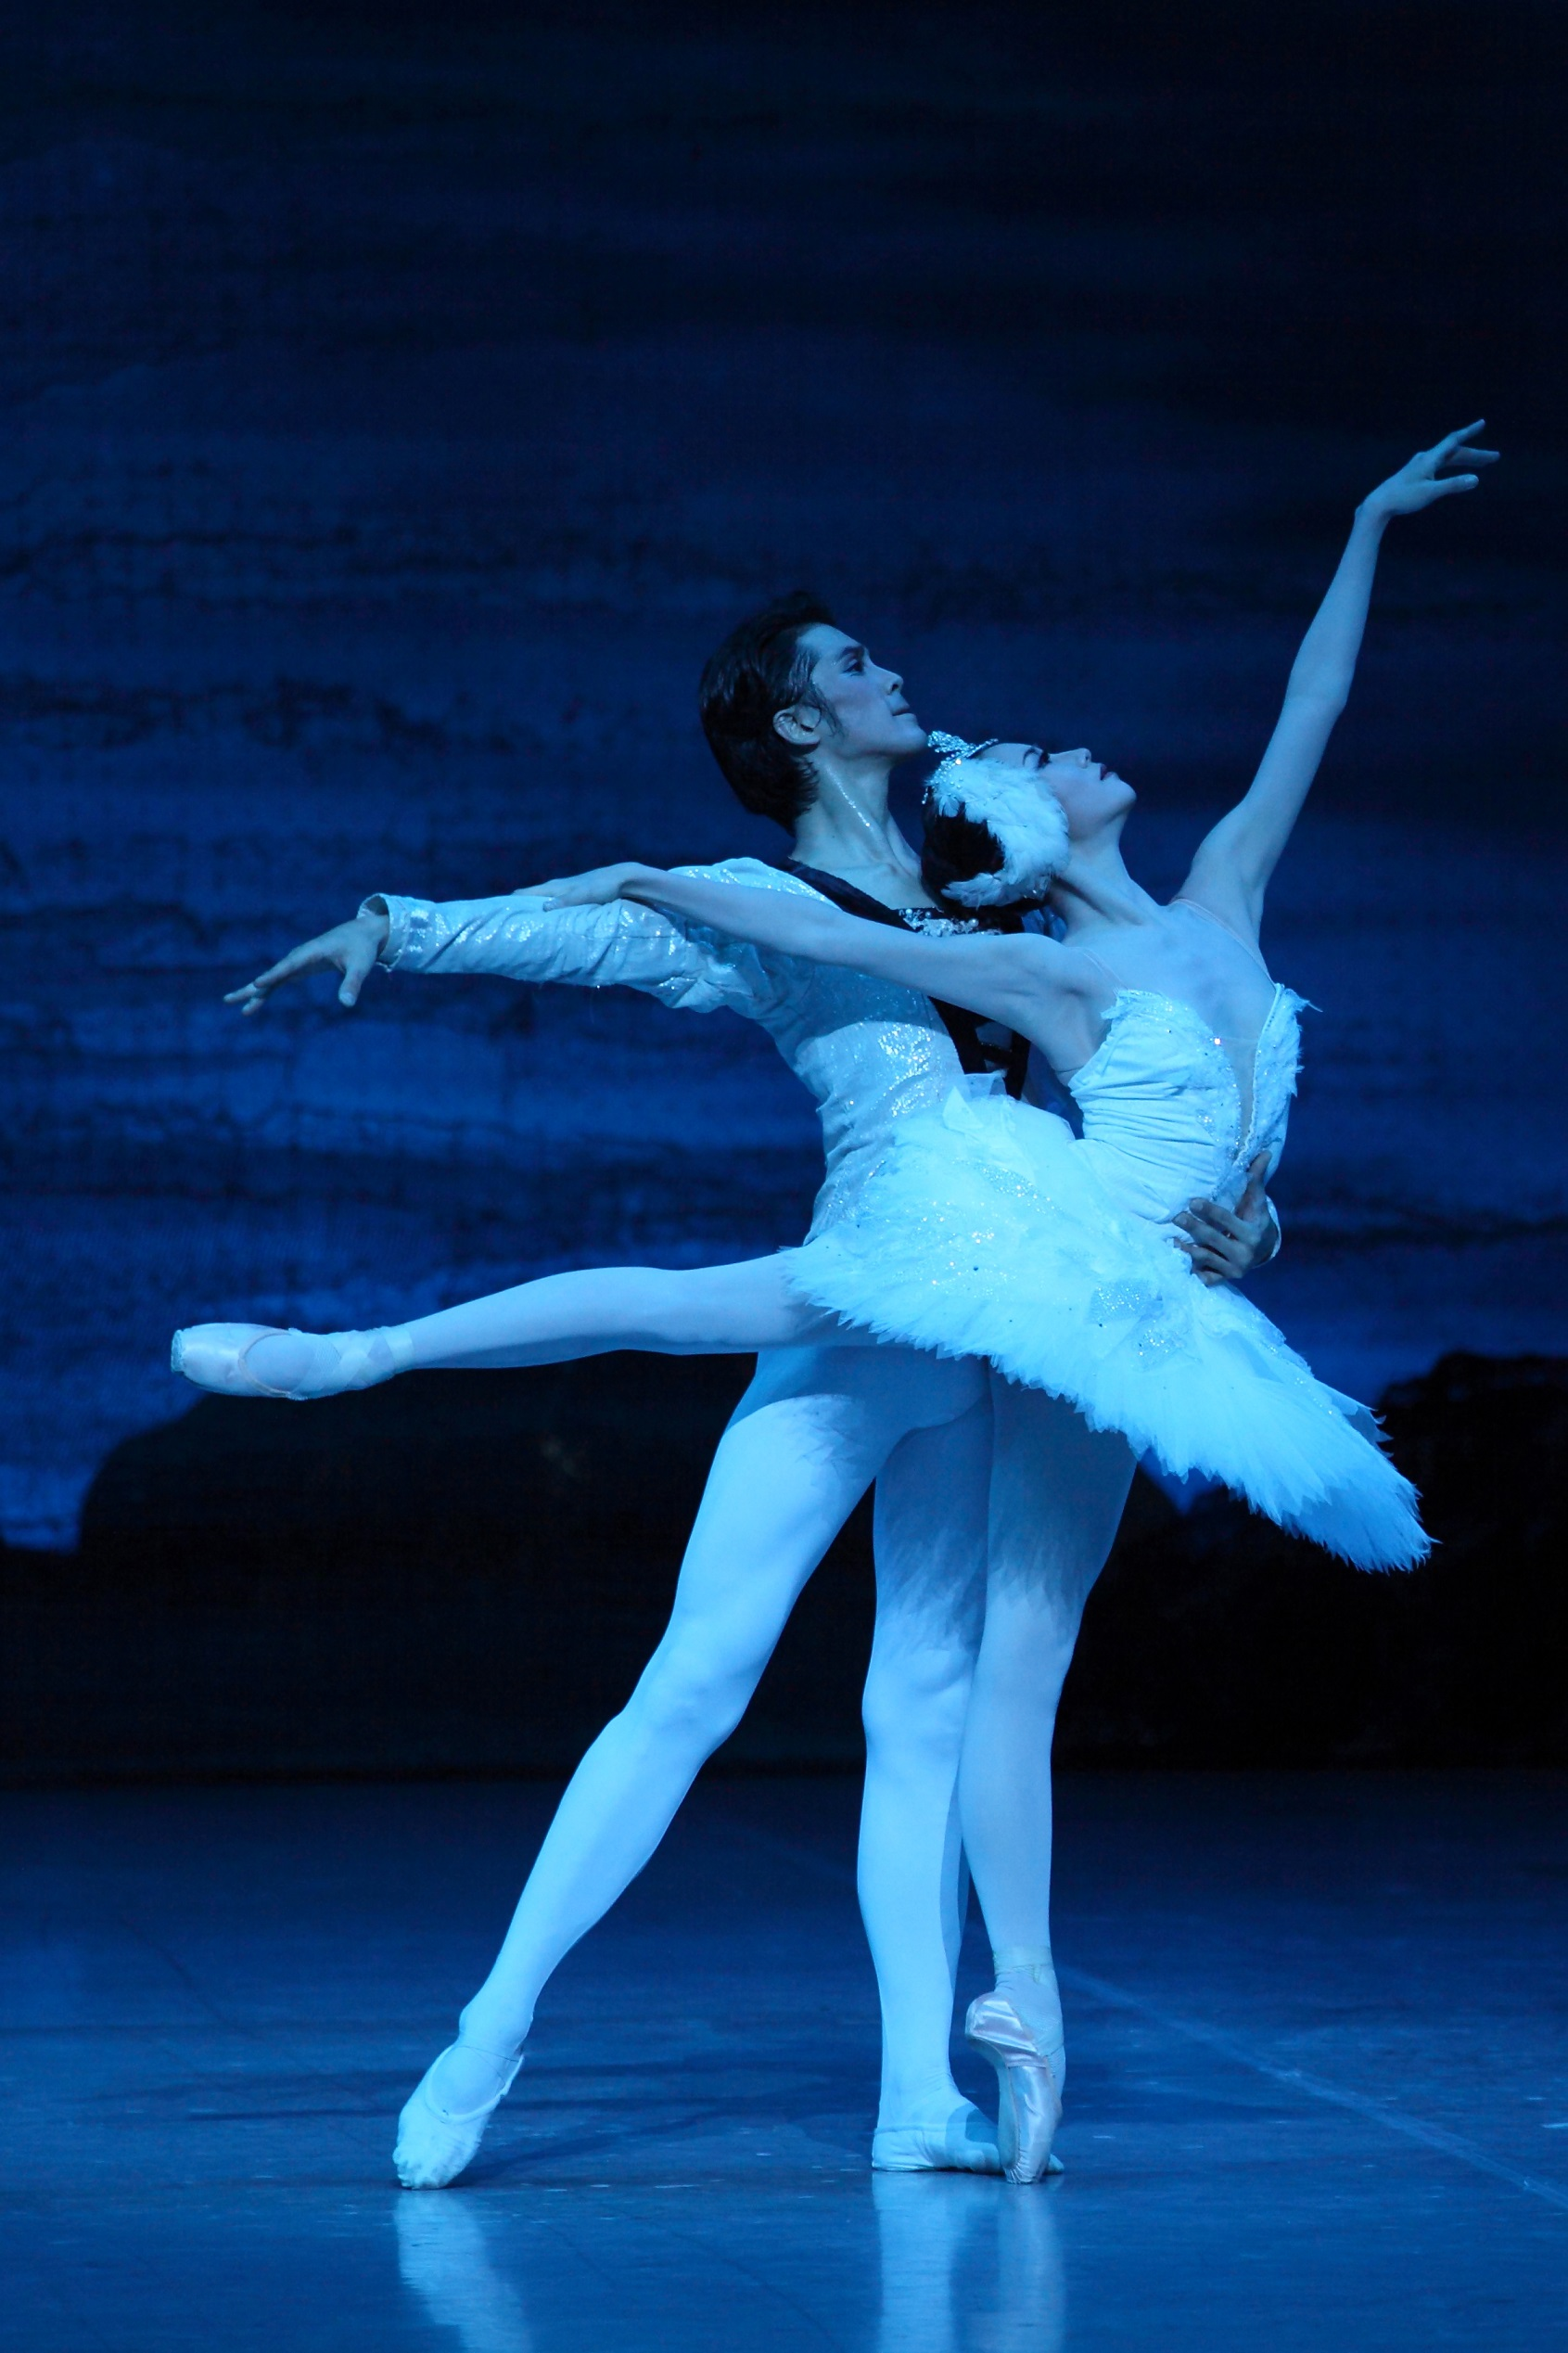 대구오페라하우스, '국립발레단 프라임 갈라' 개막…가장 풍성하고 아름다운 발레의 만찬